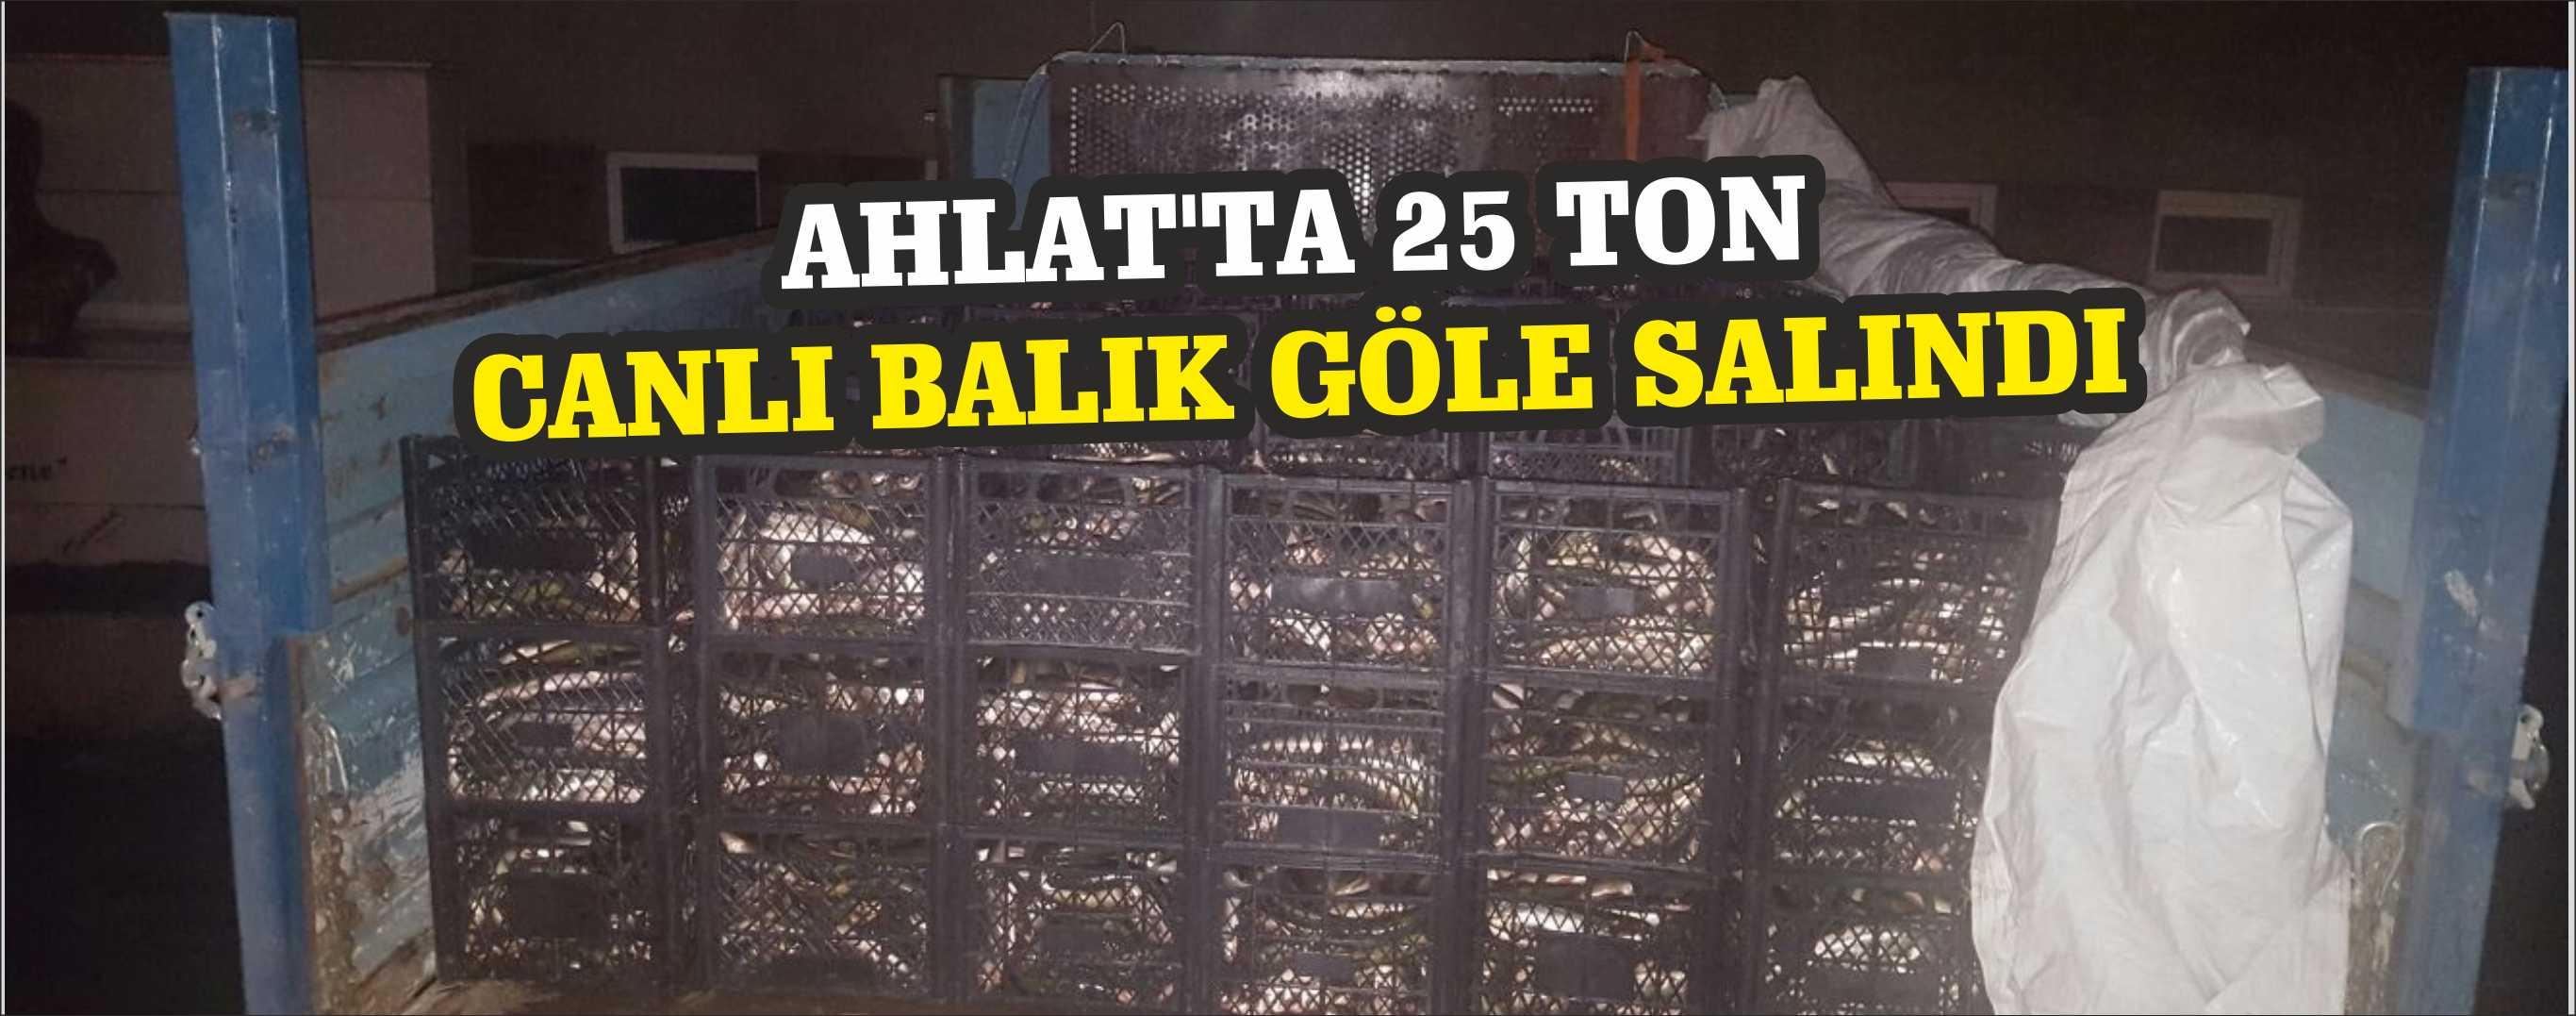 Ahlat'ta 25 Ton  Canlı Balık Göle Salındı